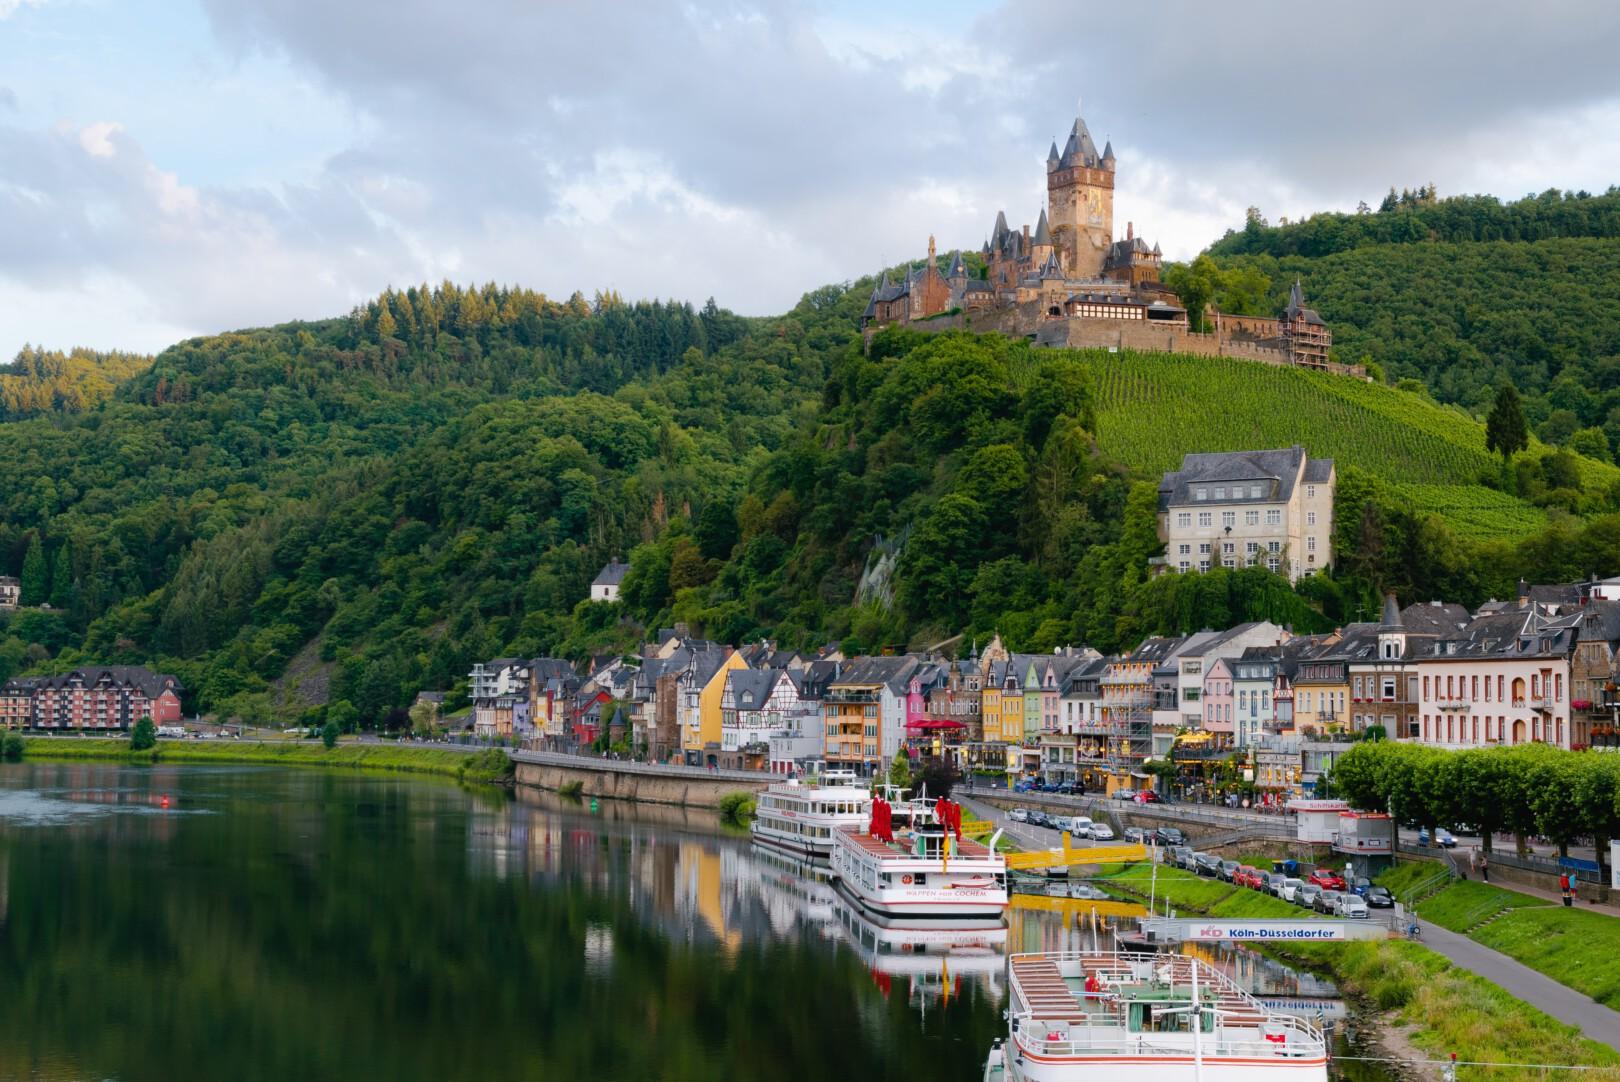 kai pilger uQBxh6L5D4 unsplash - Dit zijn de 12 leukste dorpjes en kleine stadjes in Duitsland om te bezoeken!